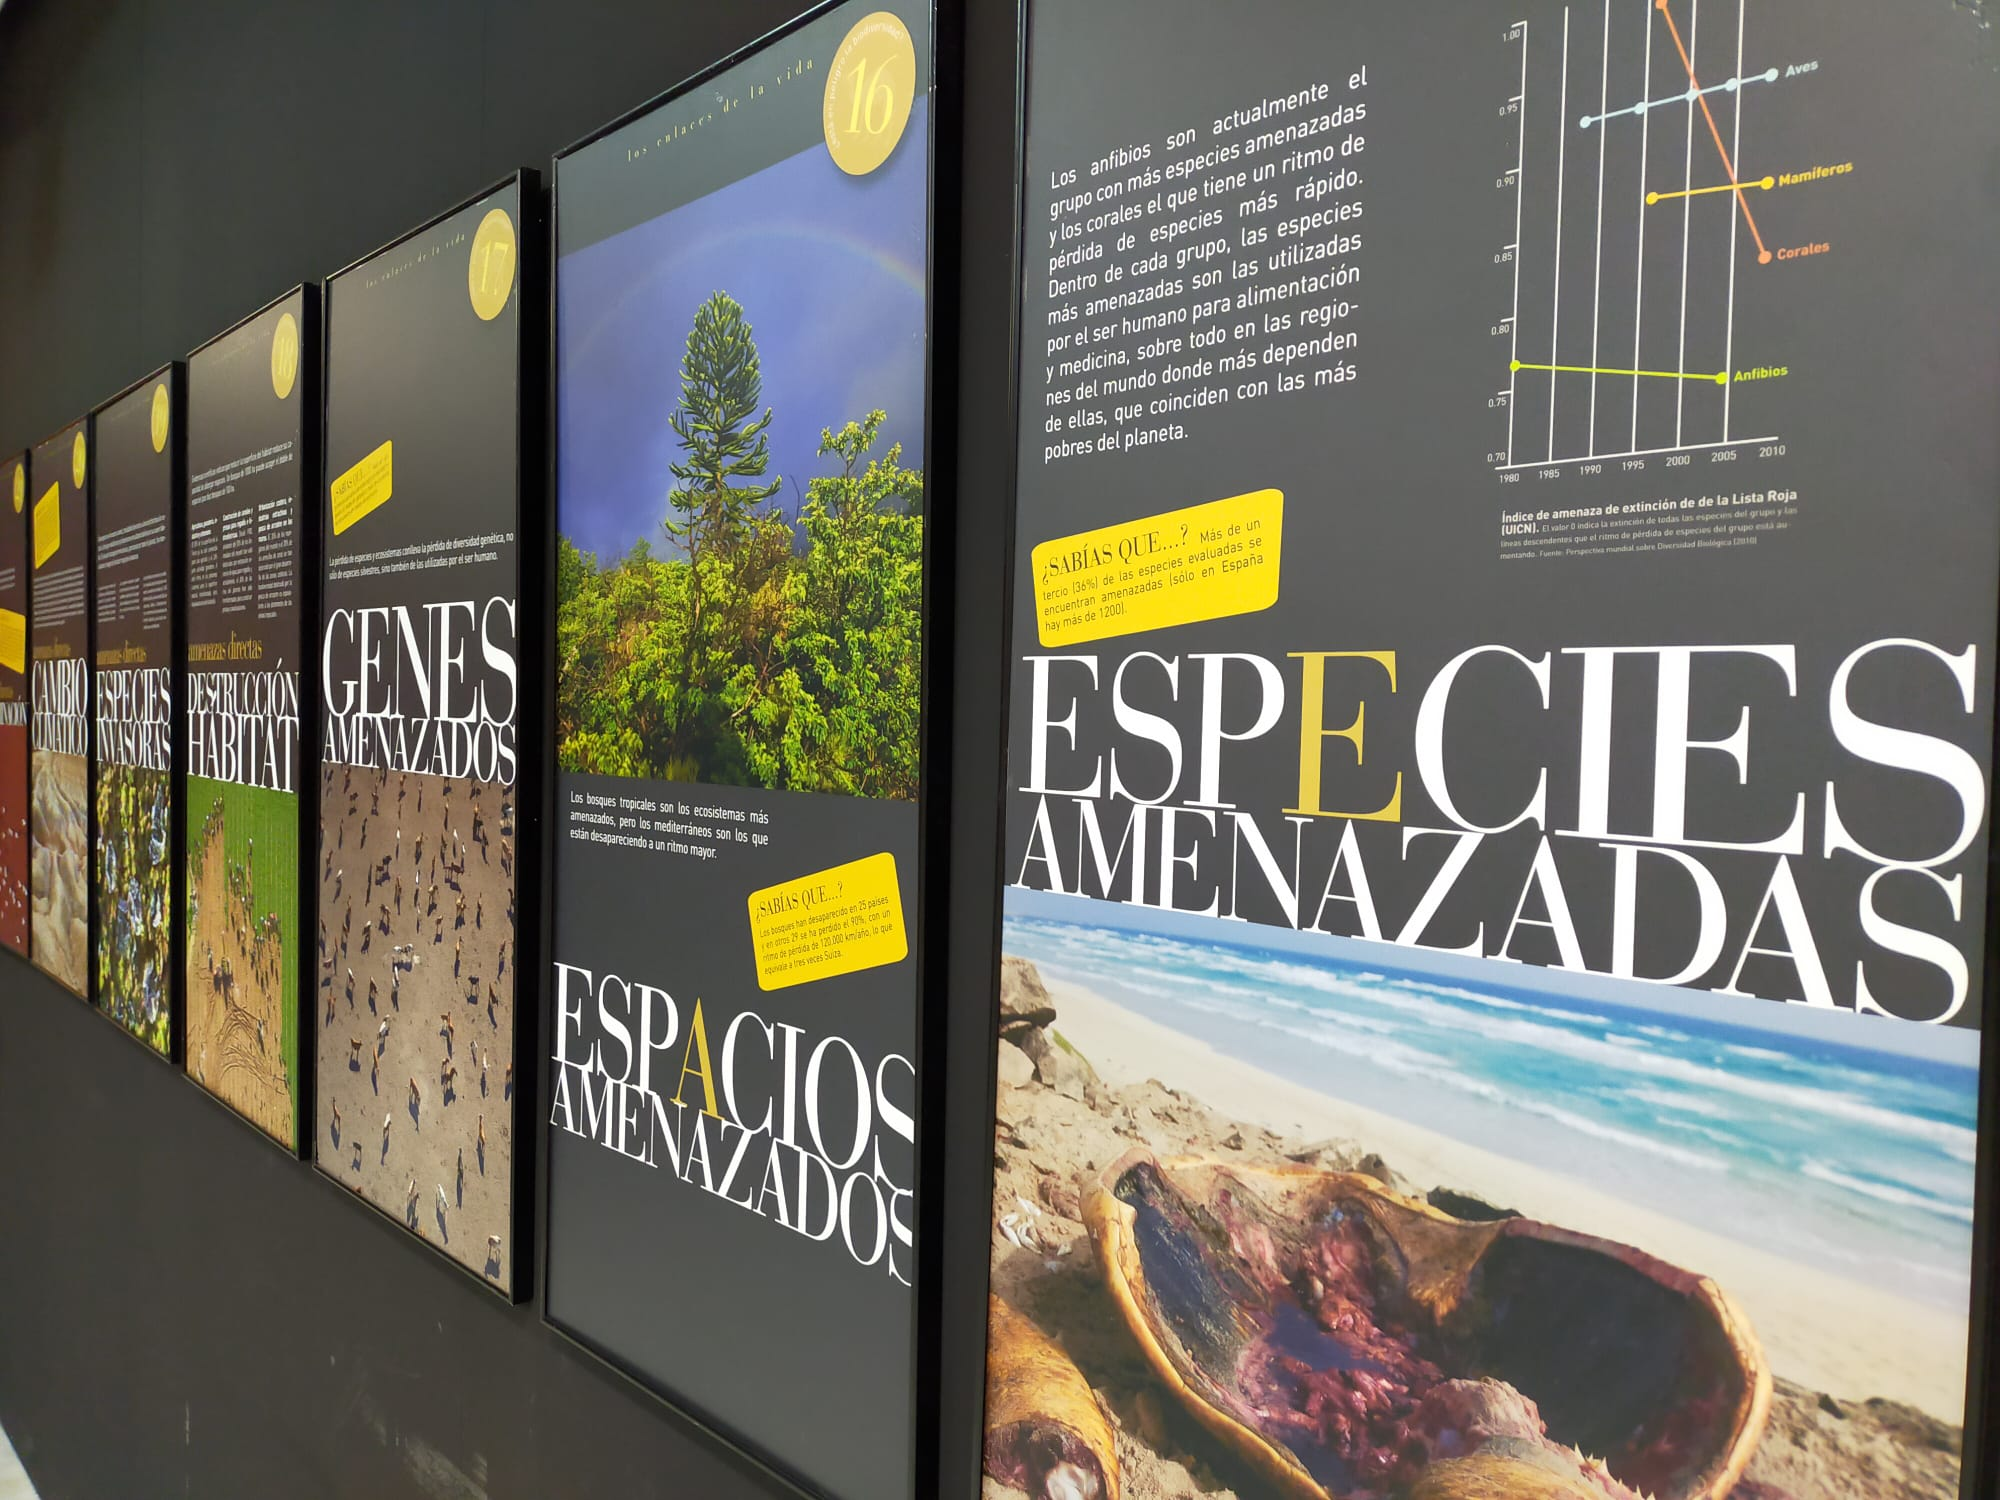 La Casa de la Cultura de Monachil acoge una exposición fotográfica sobre biodiversidad